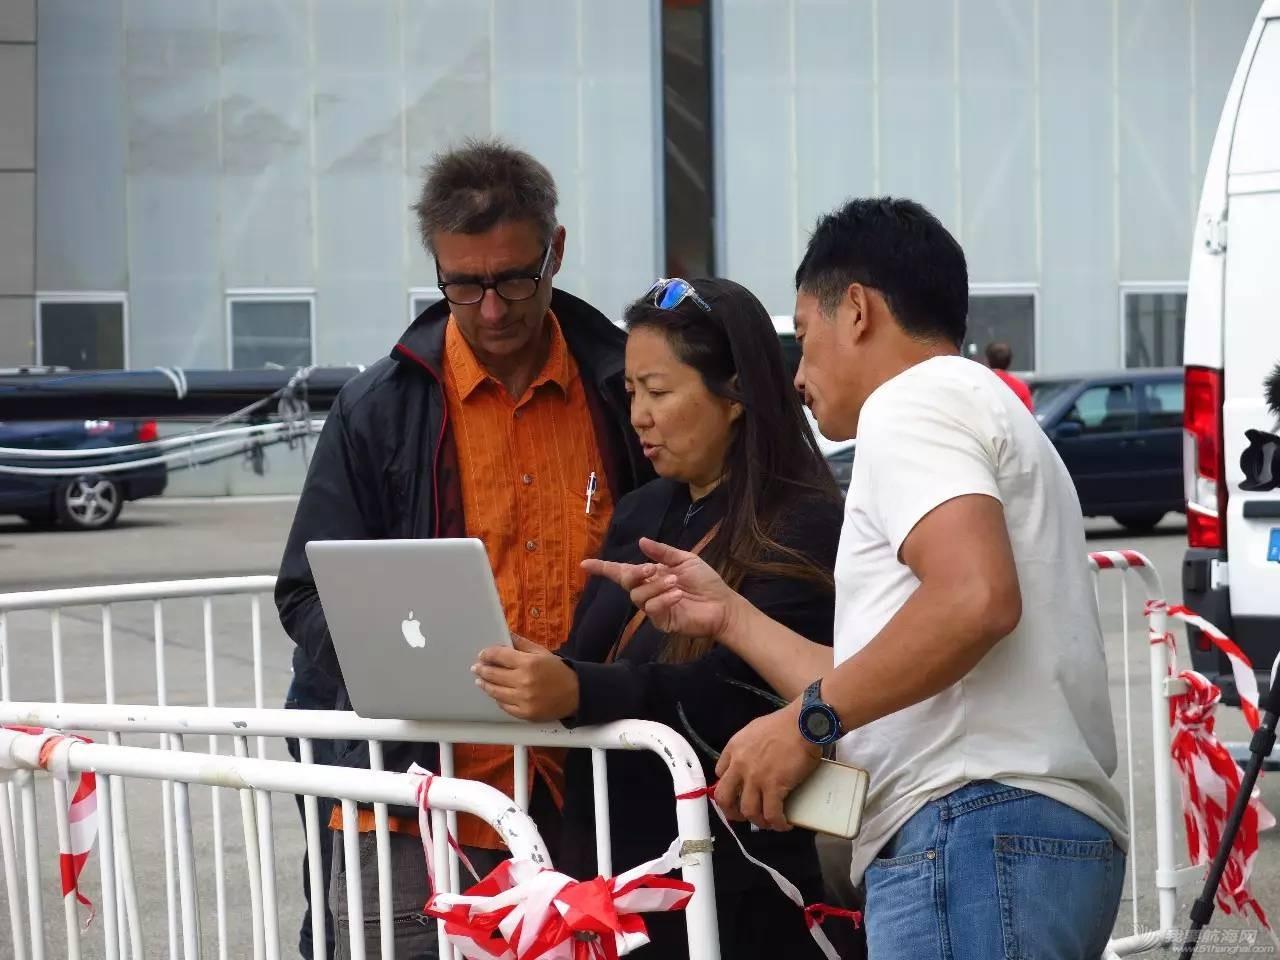 """新闻发布会,北京新闻,北冰洋,全世界,人情味 郭川的""""二合一""""航海计划——北冰洋创纪录航行+海上丝绸之路航行 917abdb60666aecf7d5f17df85d66686.jpg"""